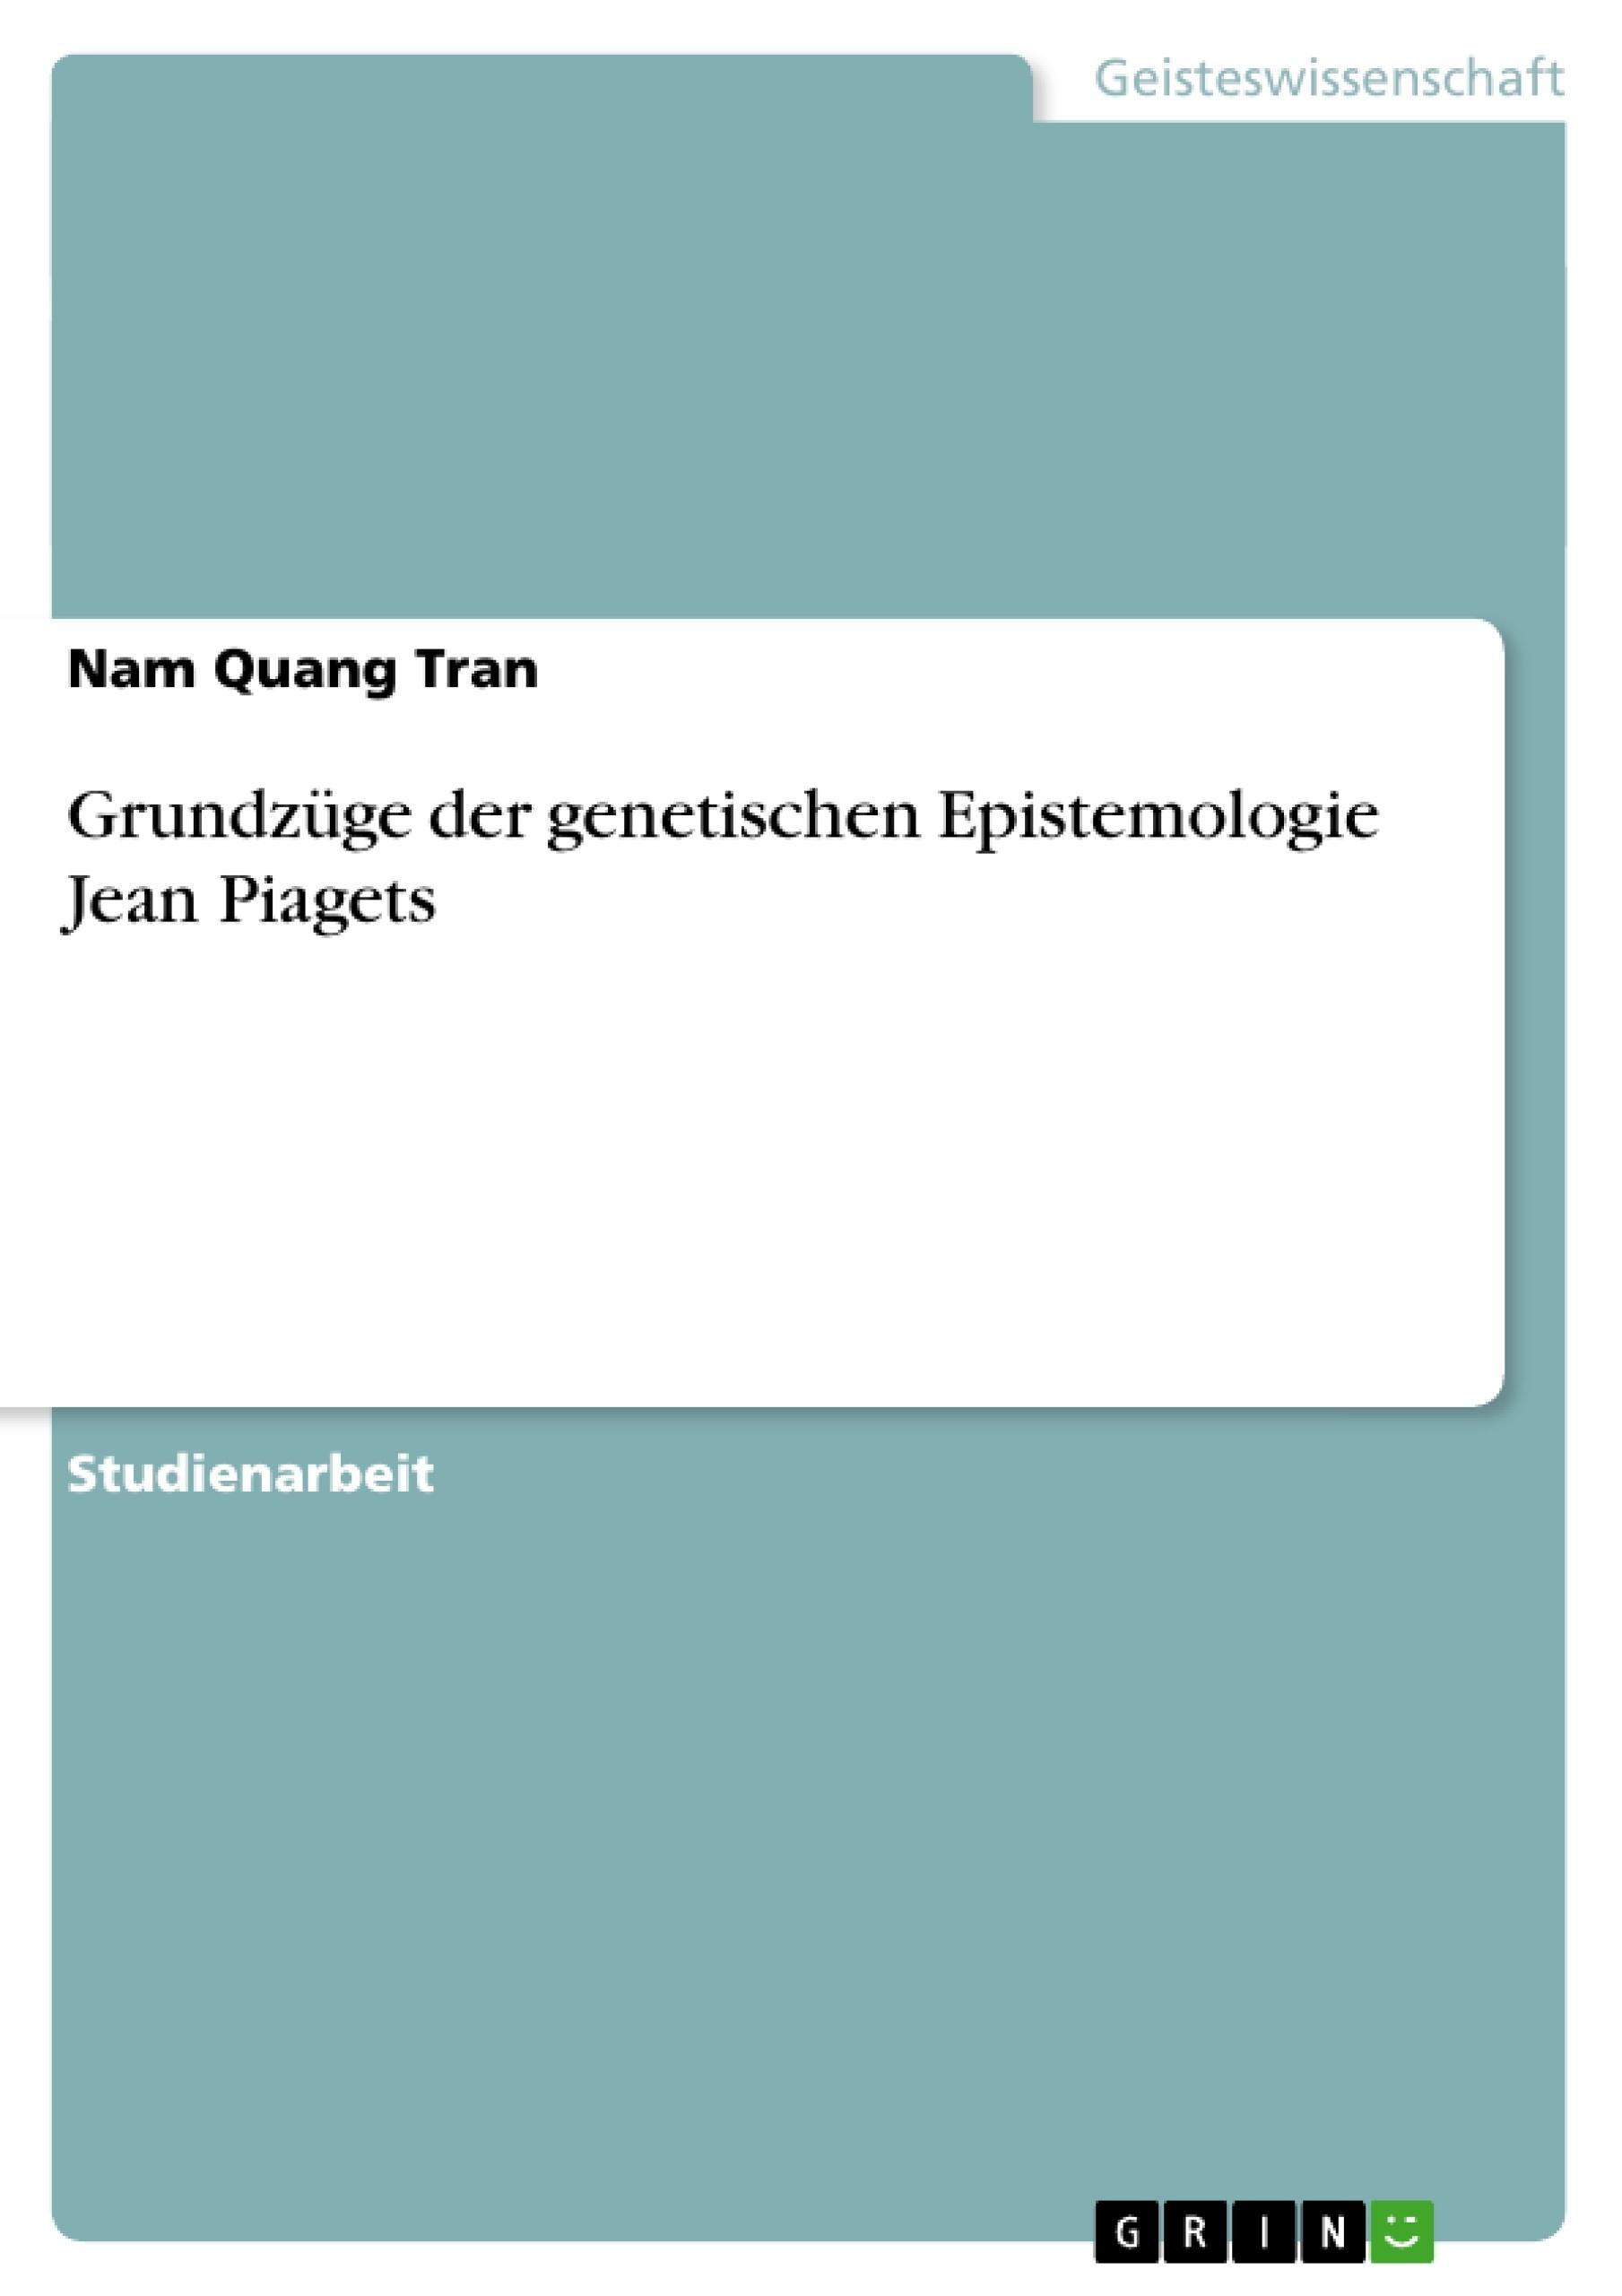 Titel: Grundzüge der genetischen Epistemologie Jean Piagets